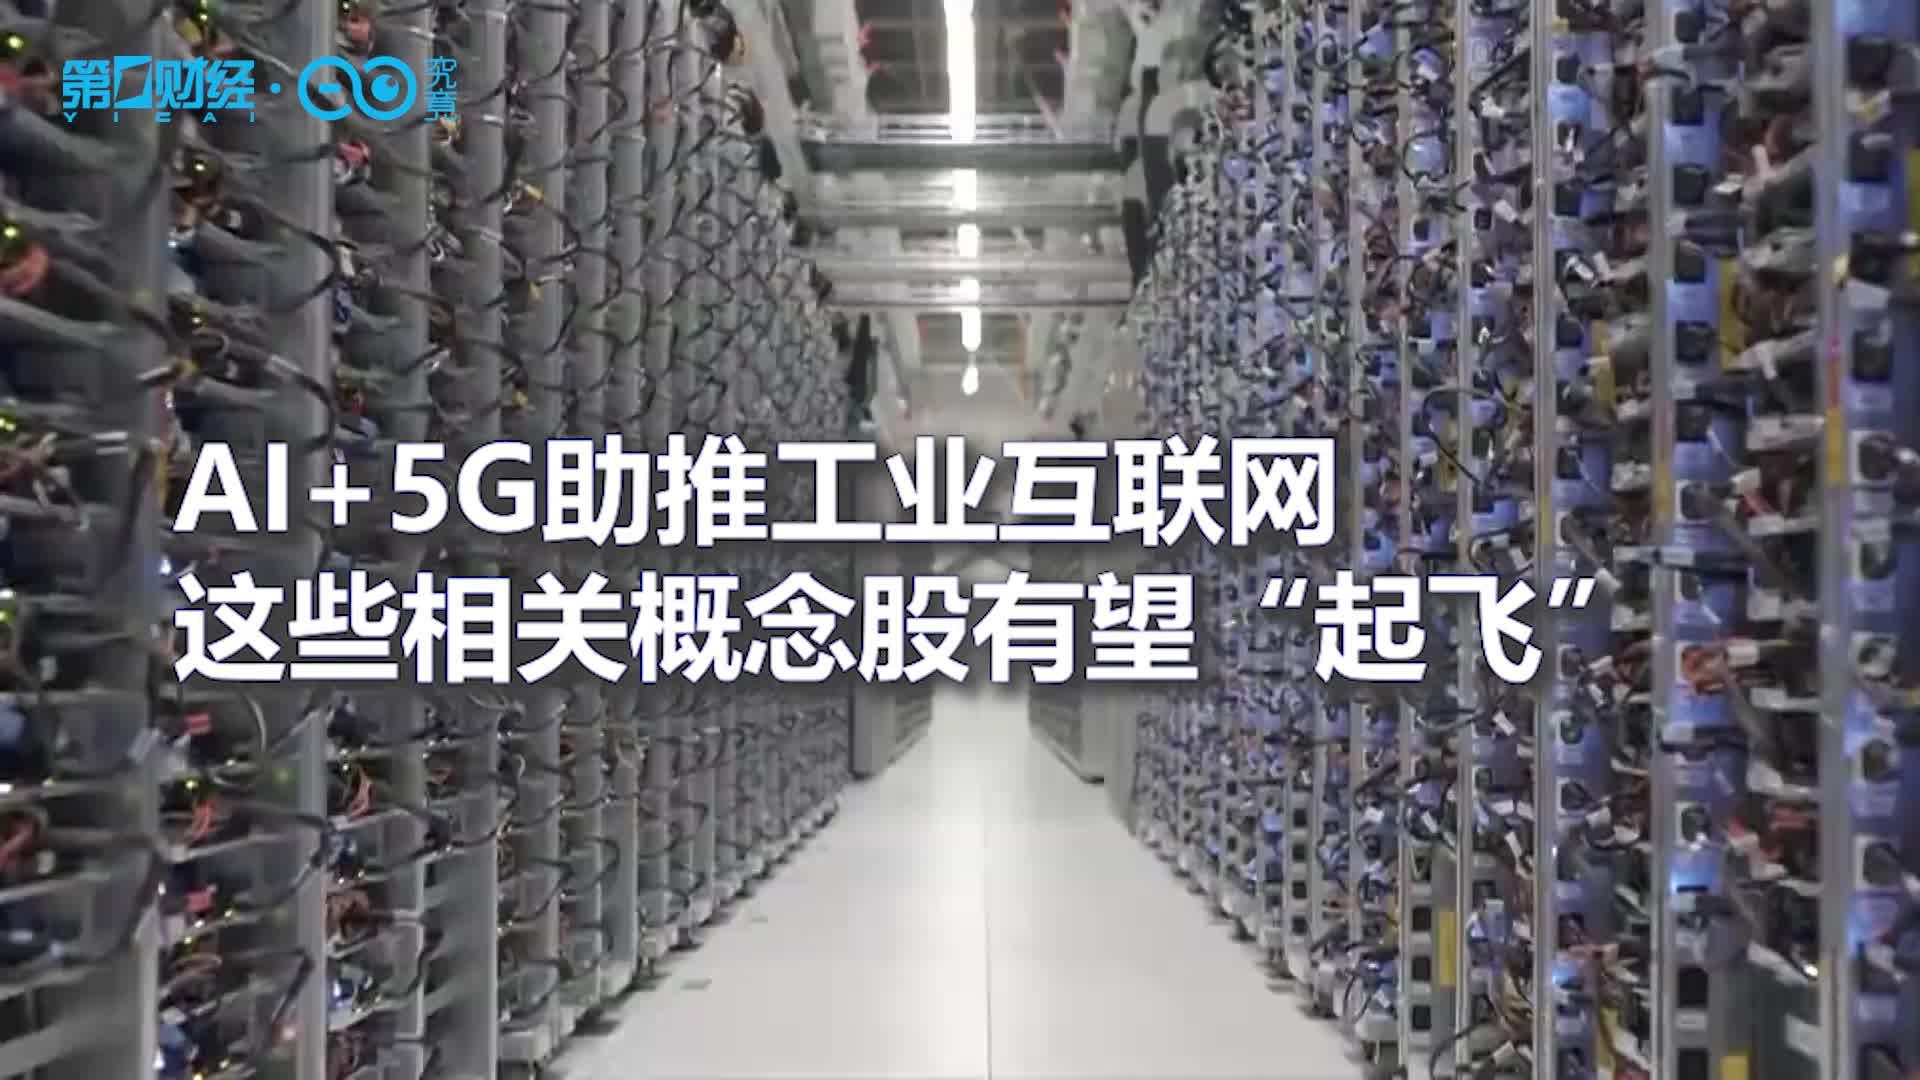 5G真正的应用场景80%在工业互联网,相关概念股迎腾飞契机丨牛熊眼